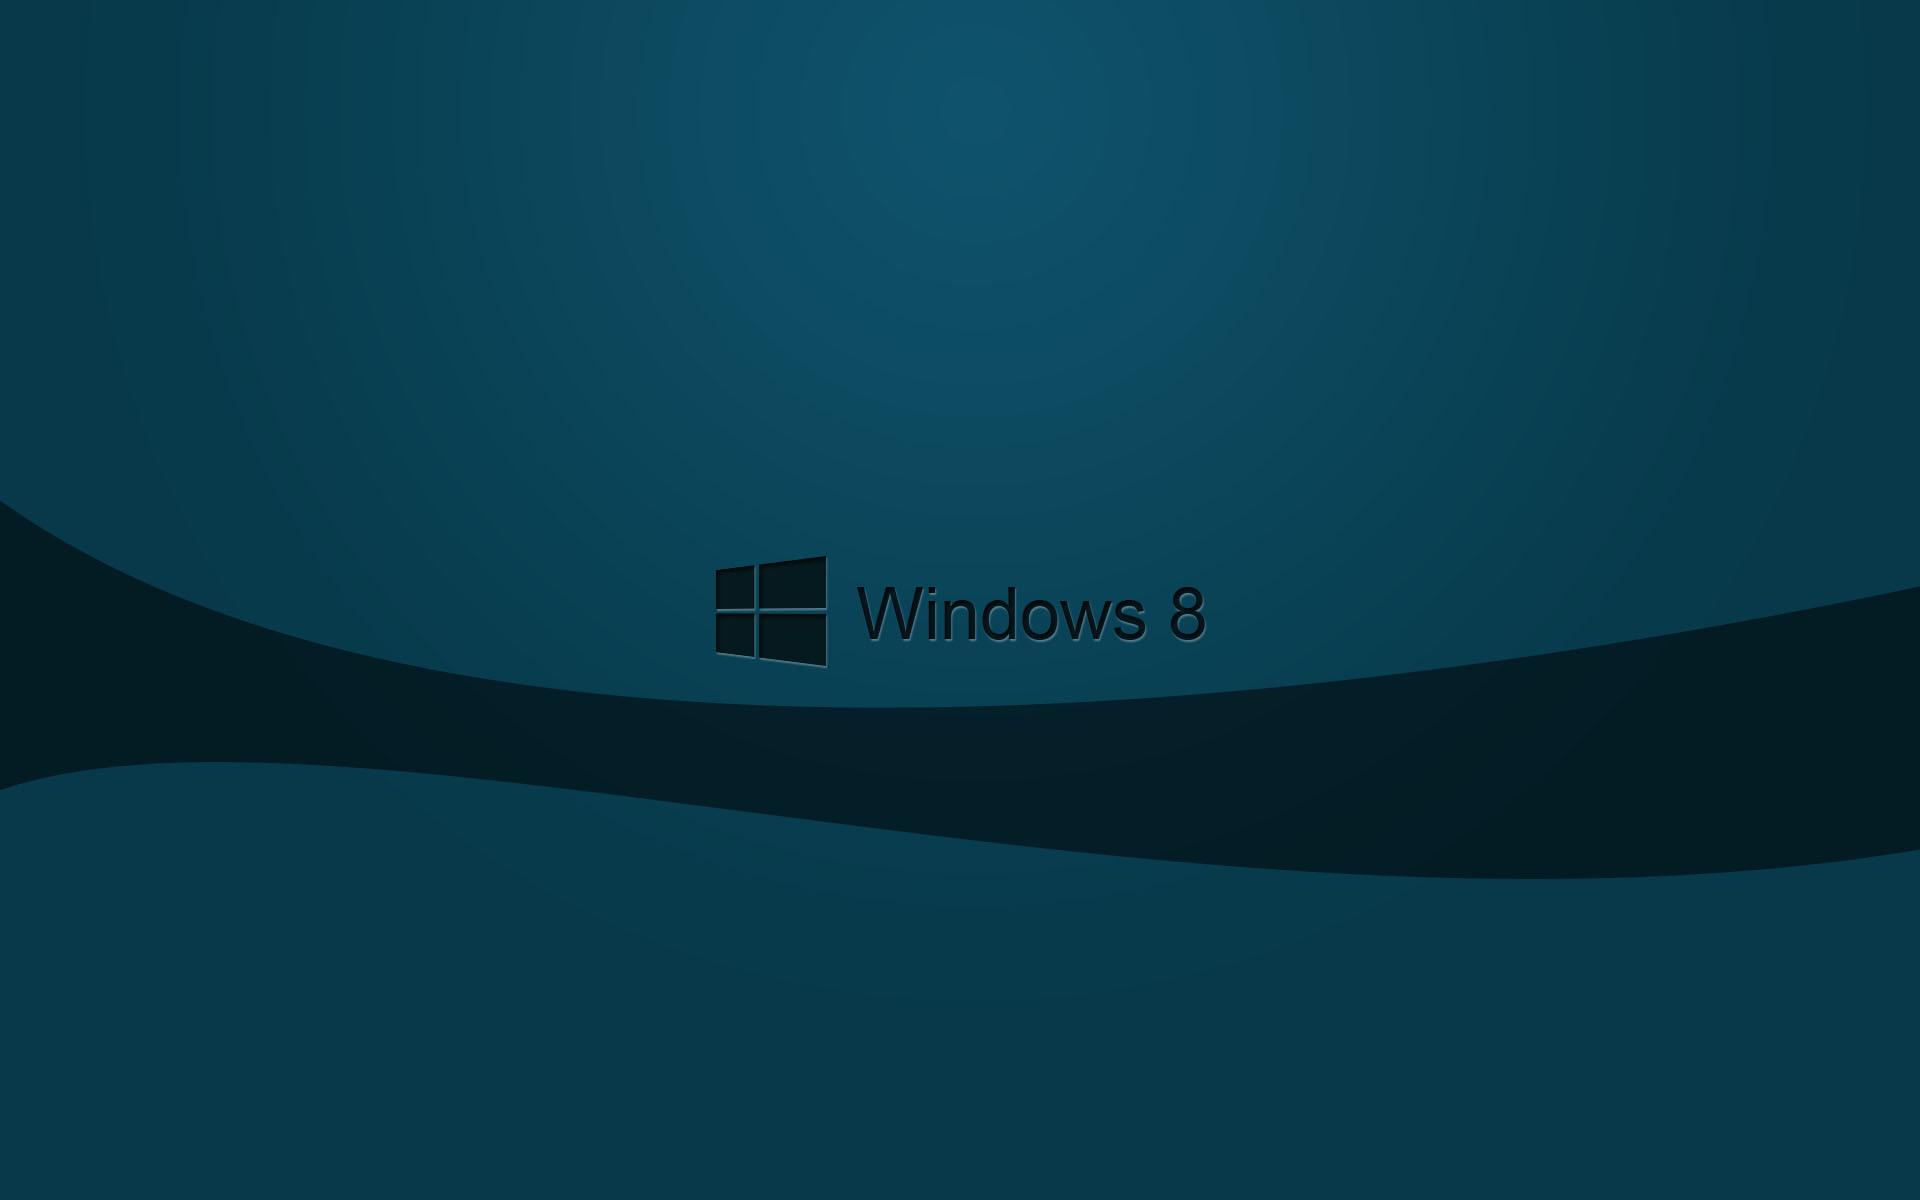 Wallpaper windows os eight wallpapers hi tech   download 1920x1200